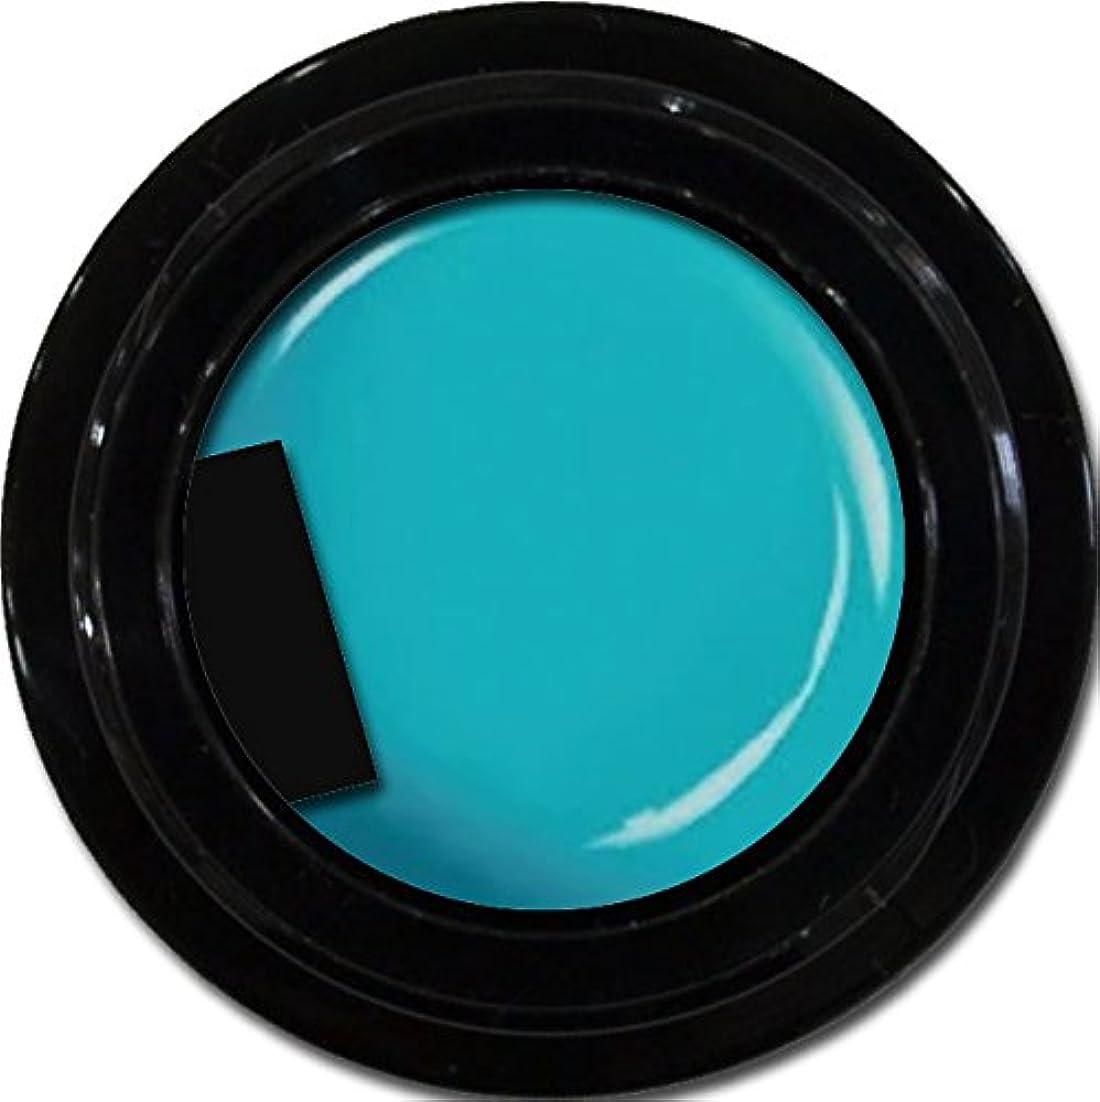 みなす値アンプカラージェル enchant color gel M707 CanalBlue3g/ マットカラージェル M707カナールブルー 3グラム